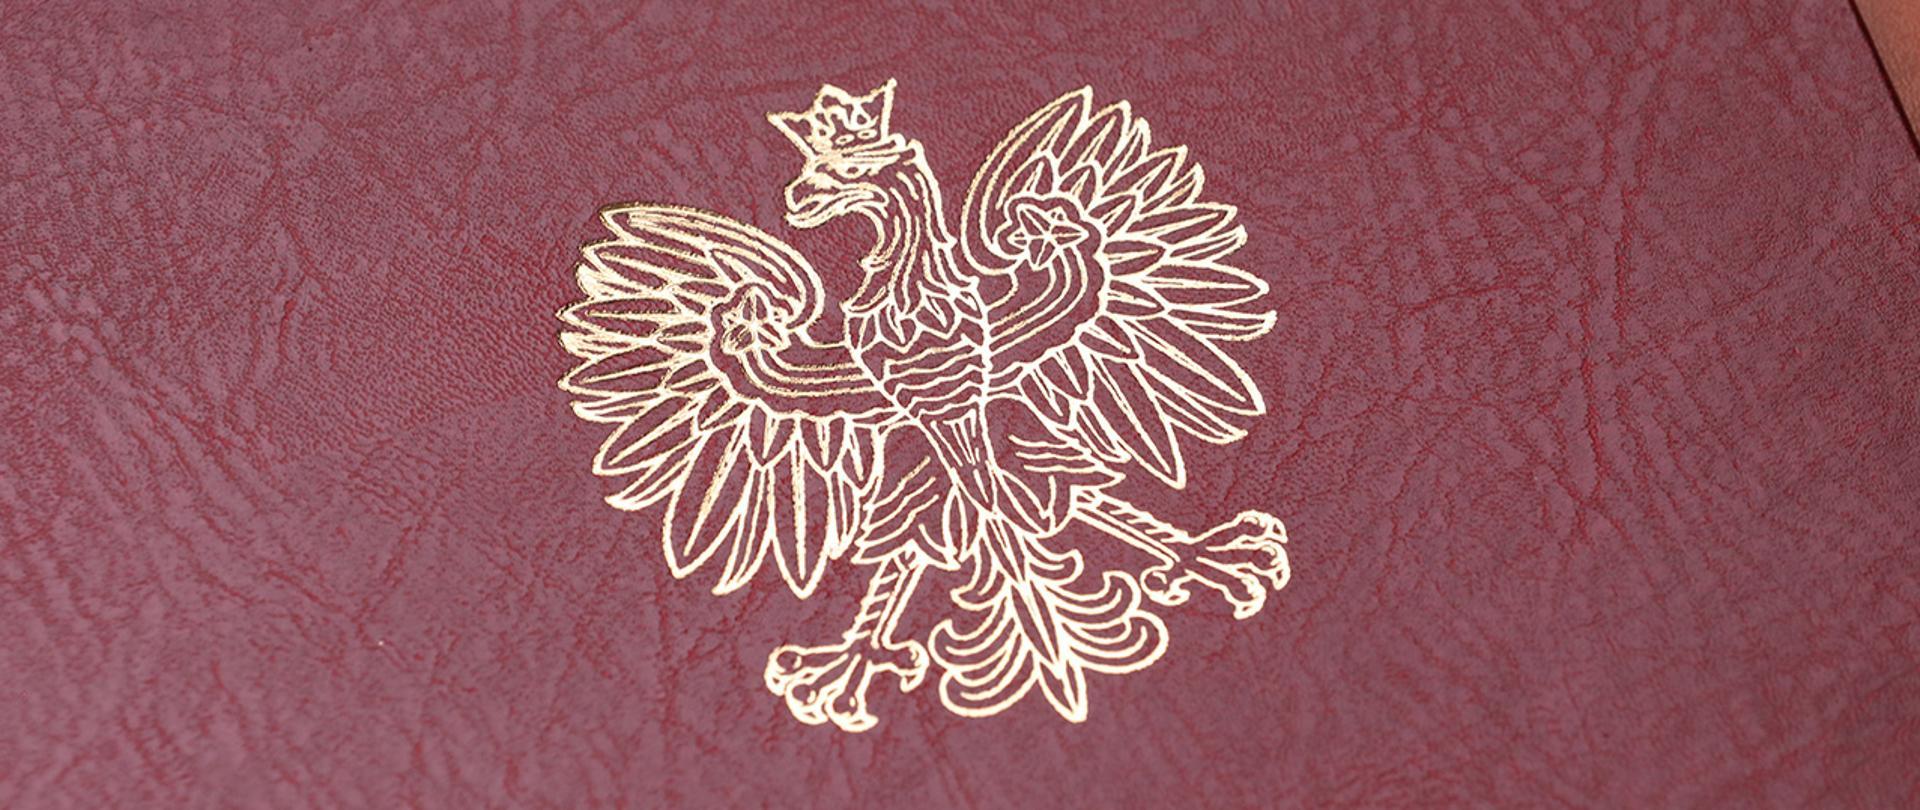 Na zdjęciu widać fragment twardej oprawy na dokumenty z wytłoczonym orłem z godła narodowego.